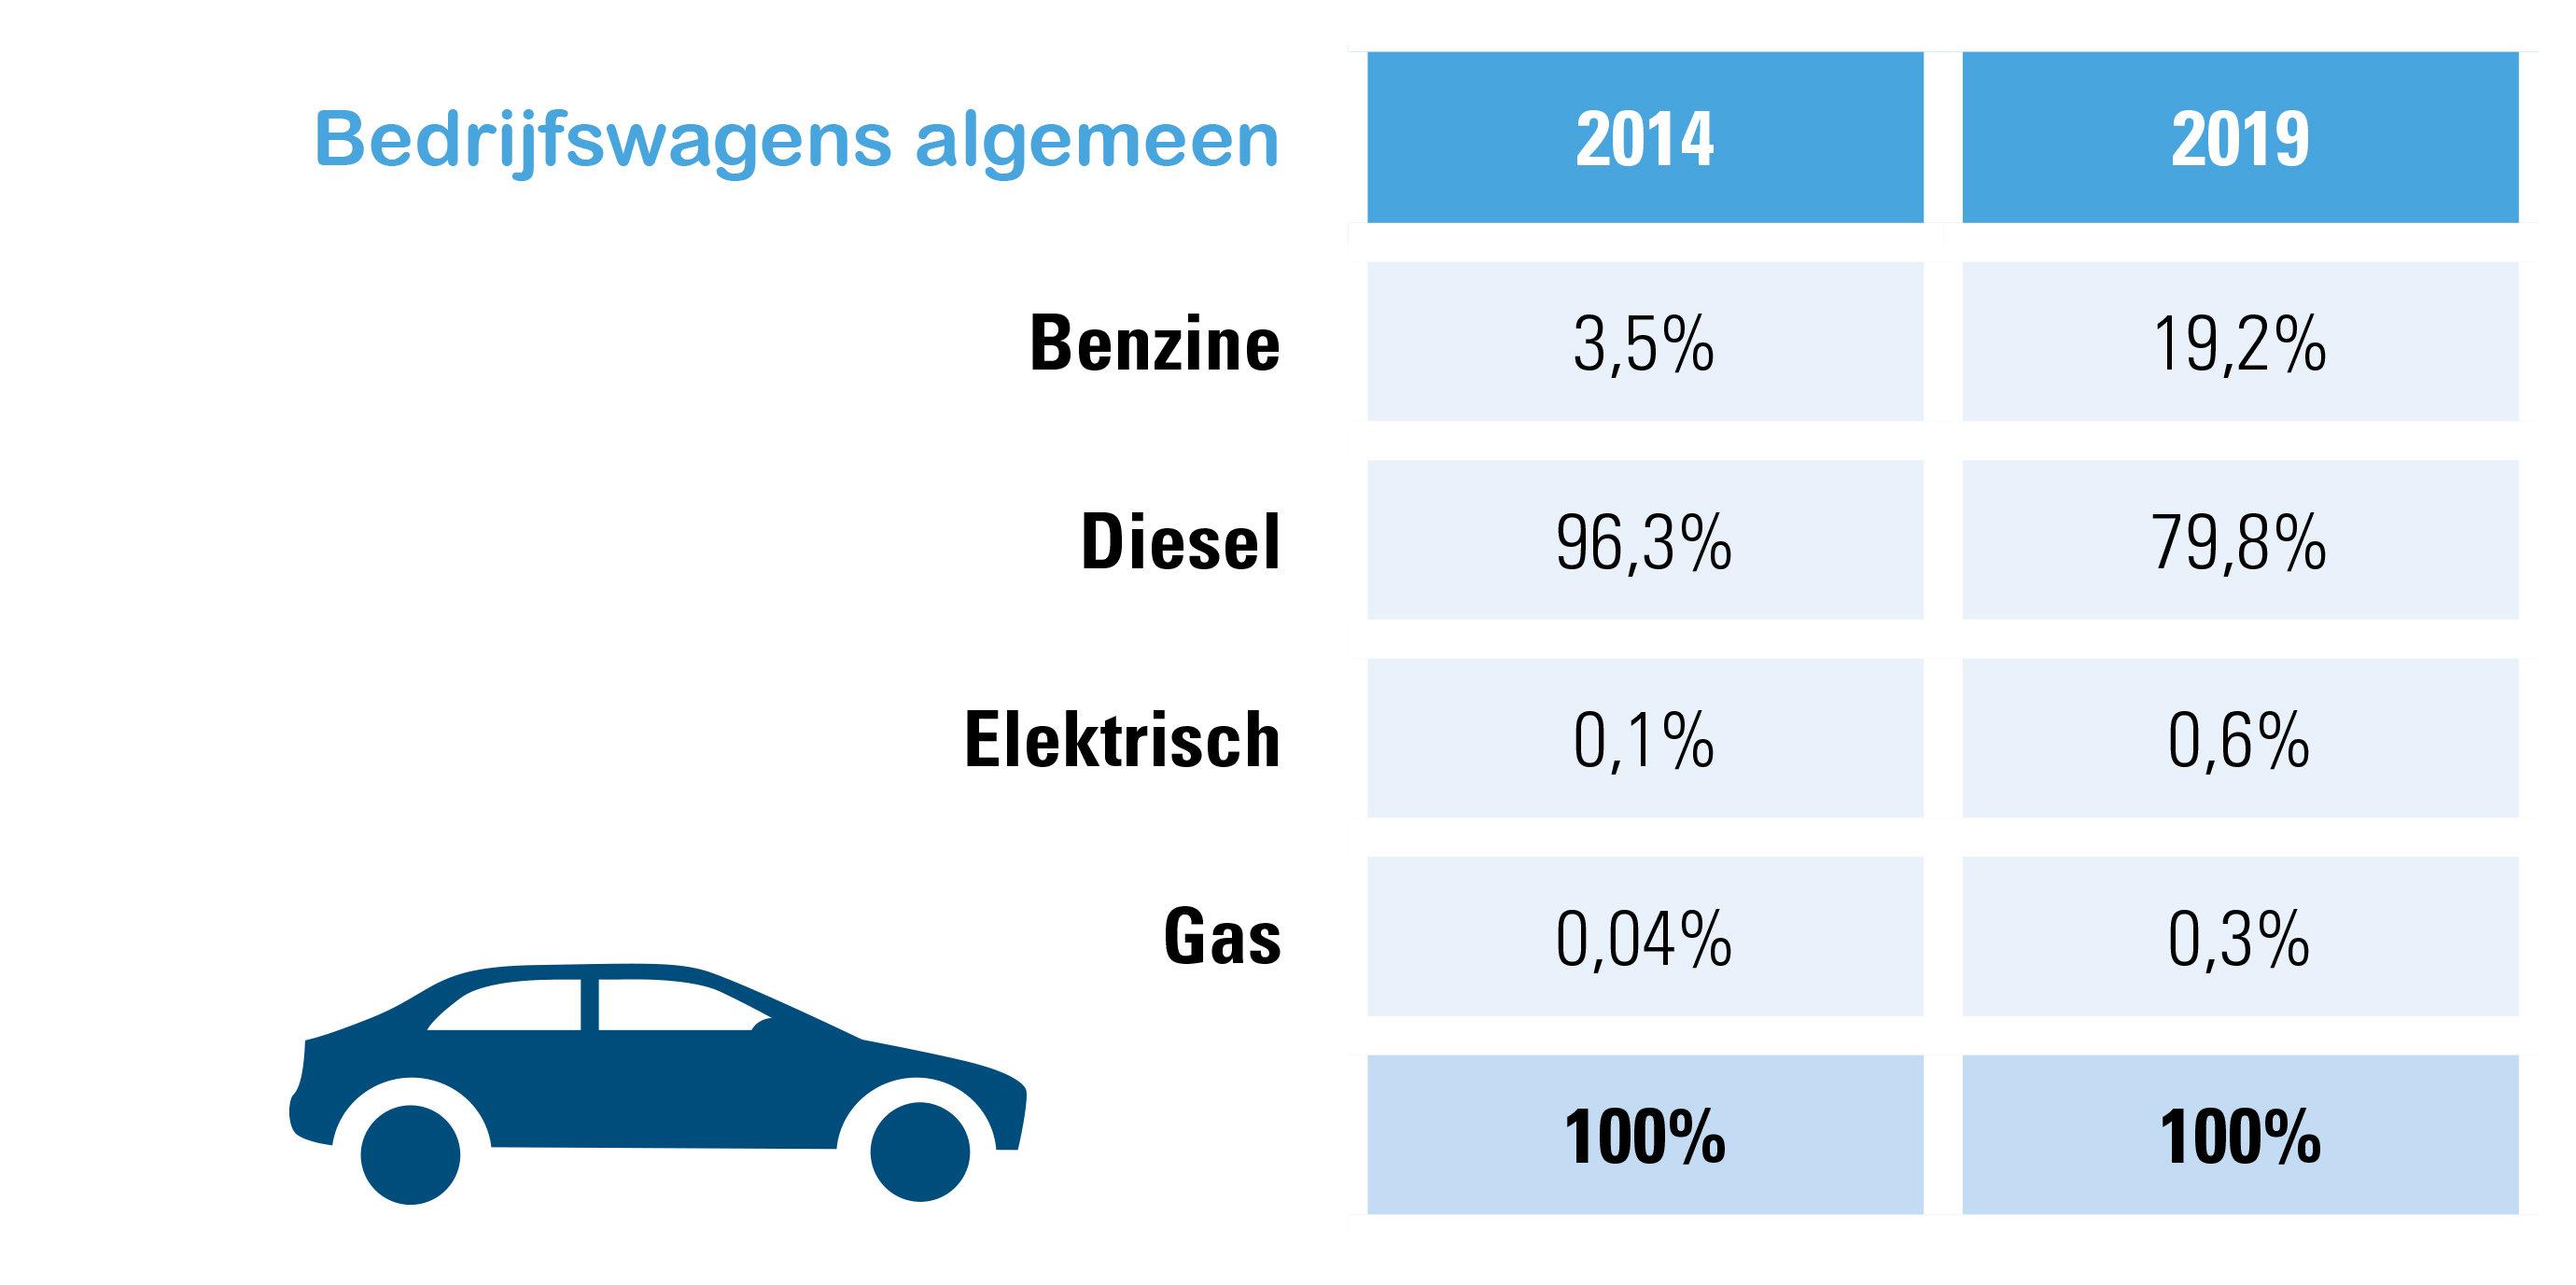 Bedrijfswagens algemeen, aandeel volgens brandstof